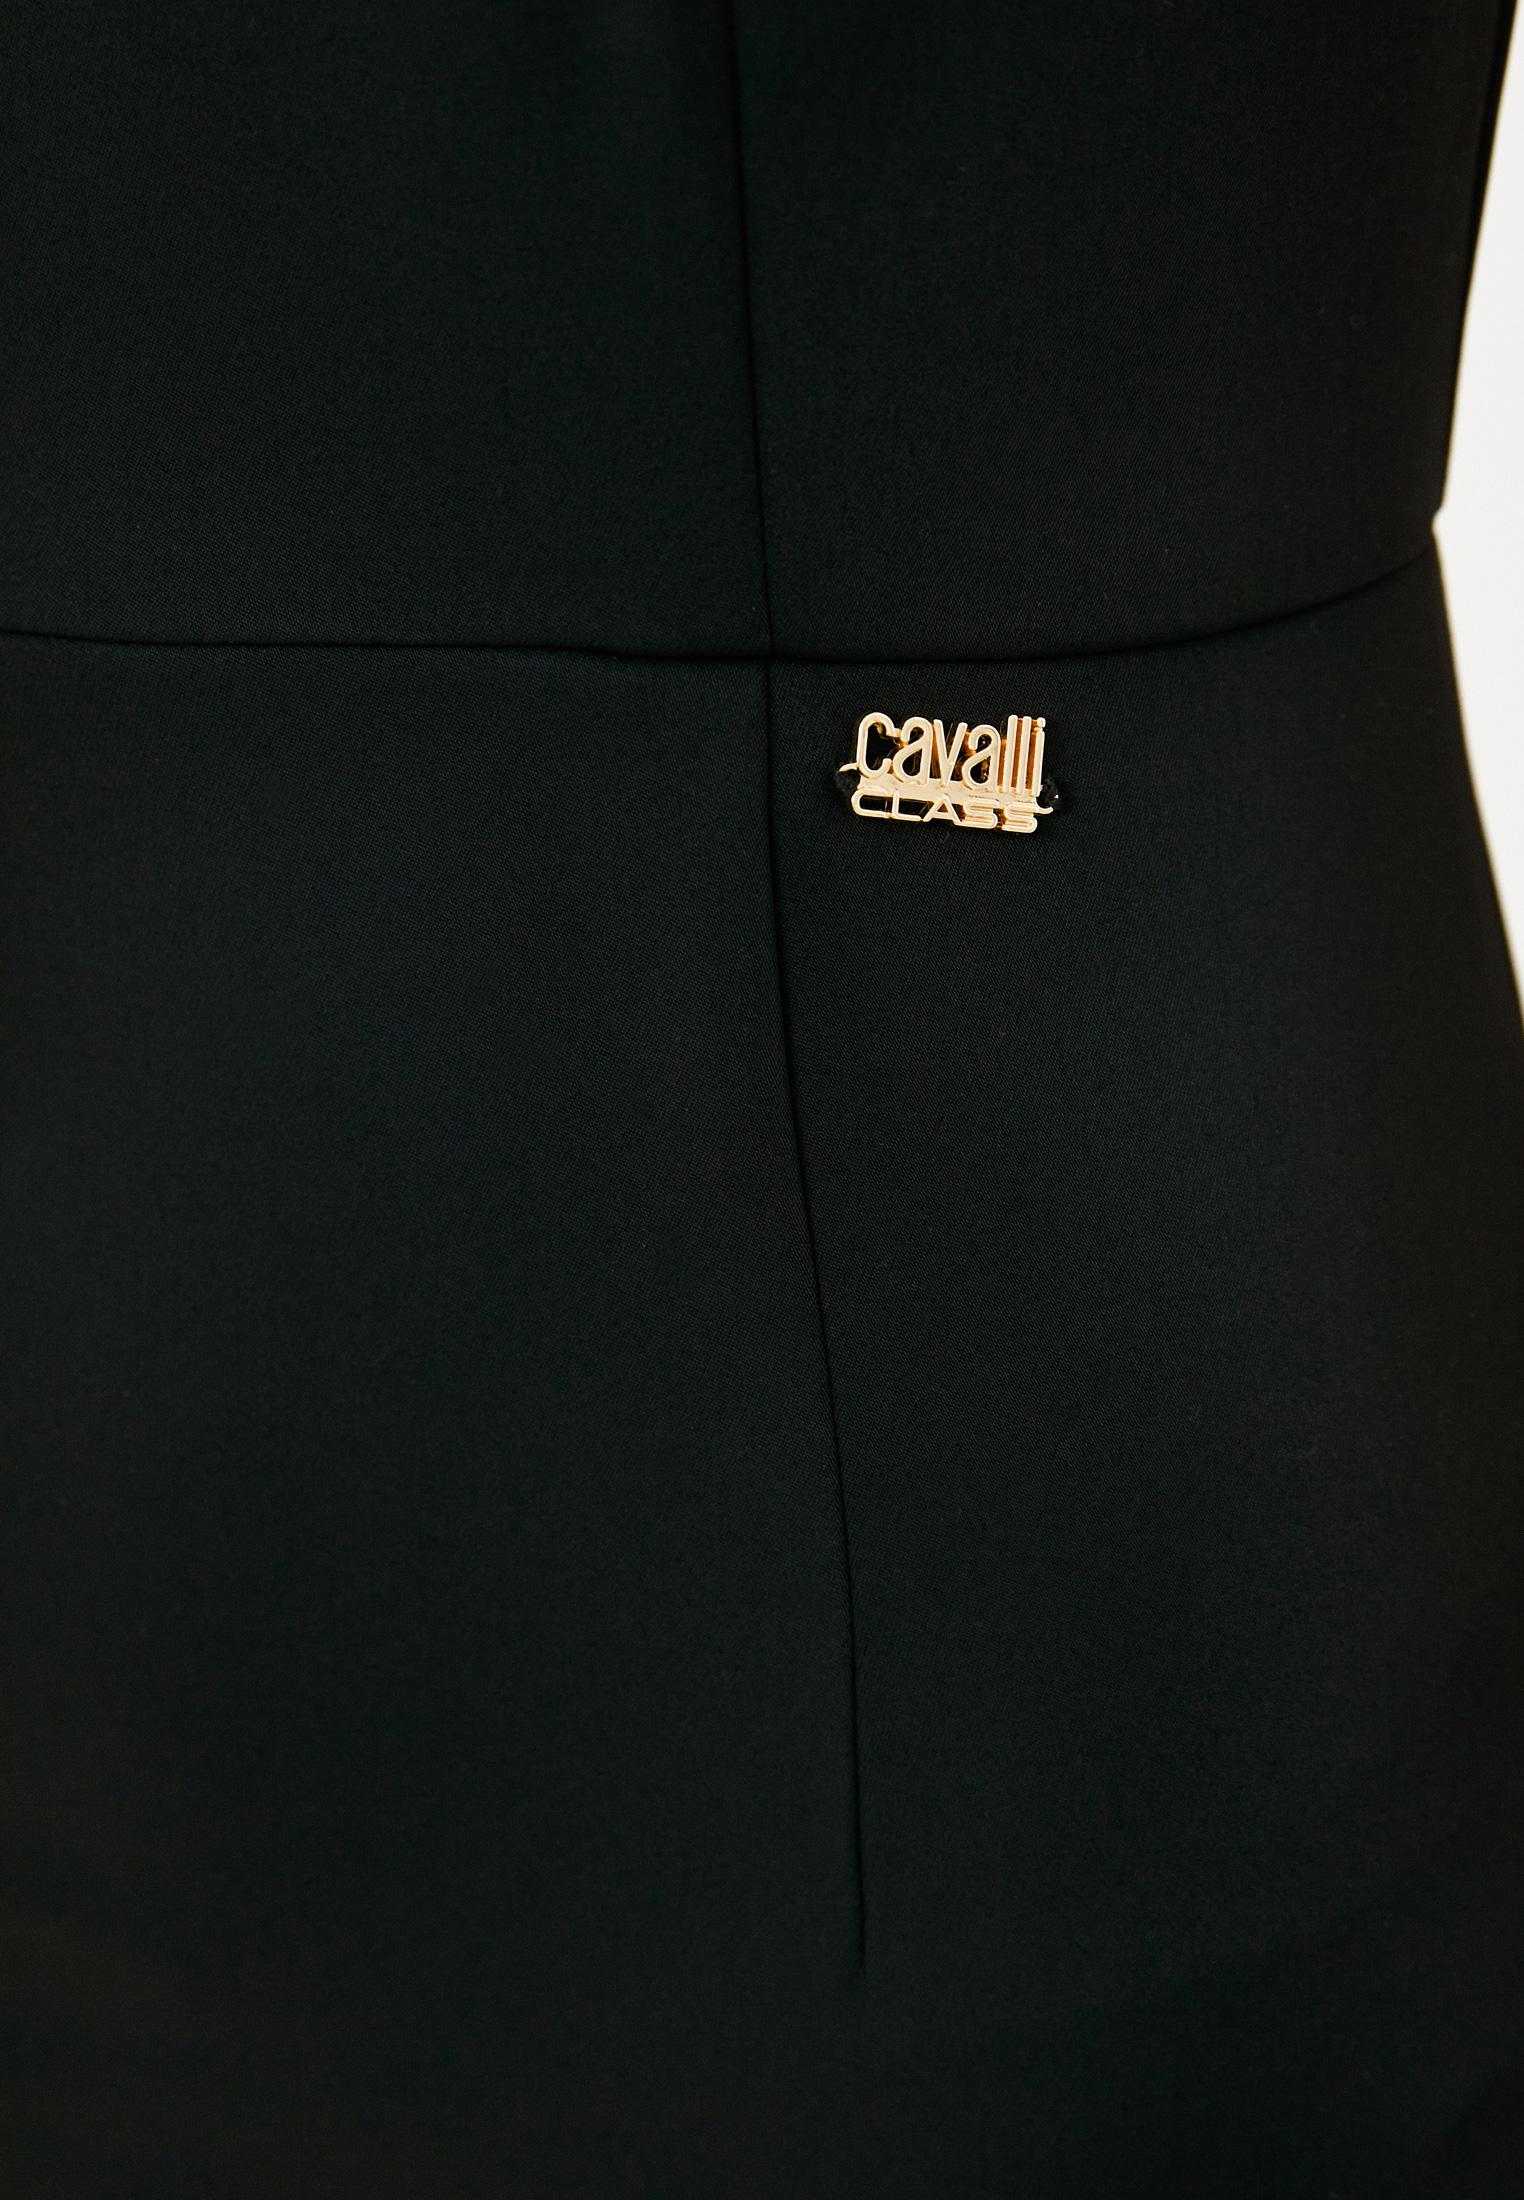 Платье Cavalli Class D2IVB4051397: изображение 4